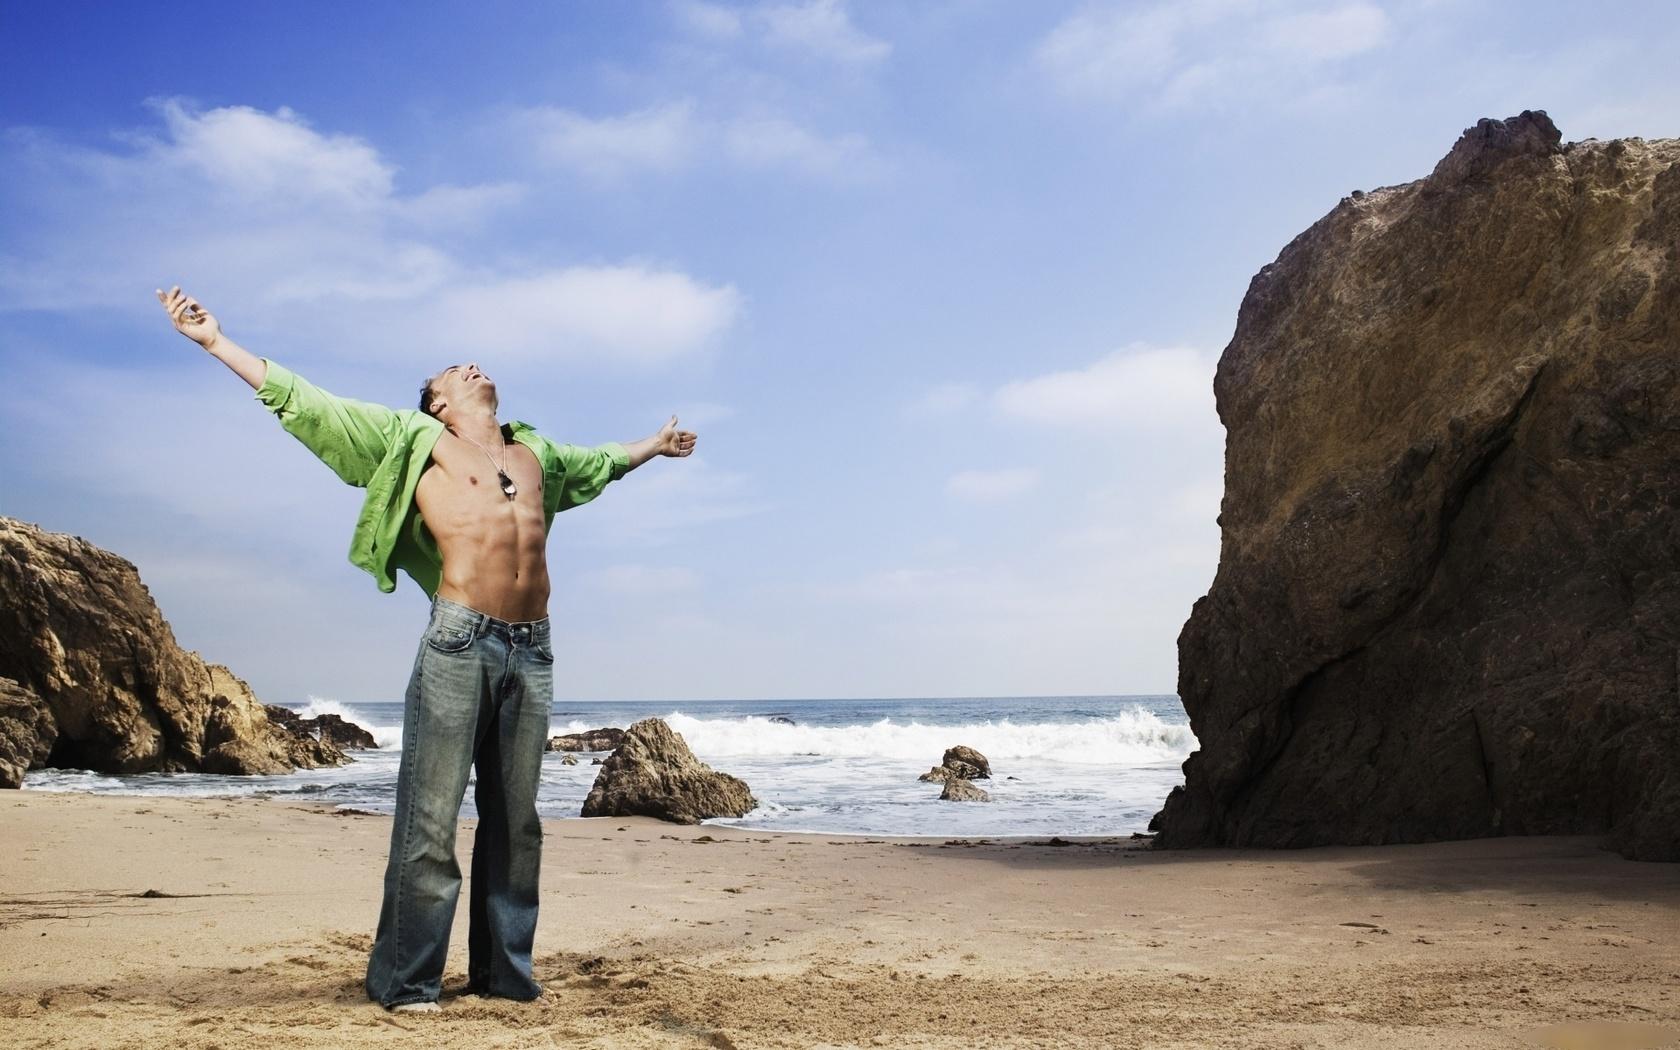 мужчина, море, природа, торс, рубашка, джинсы, жест, свобода